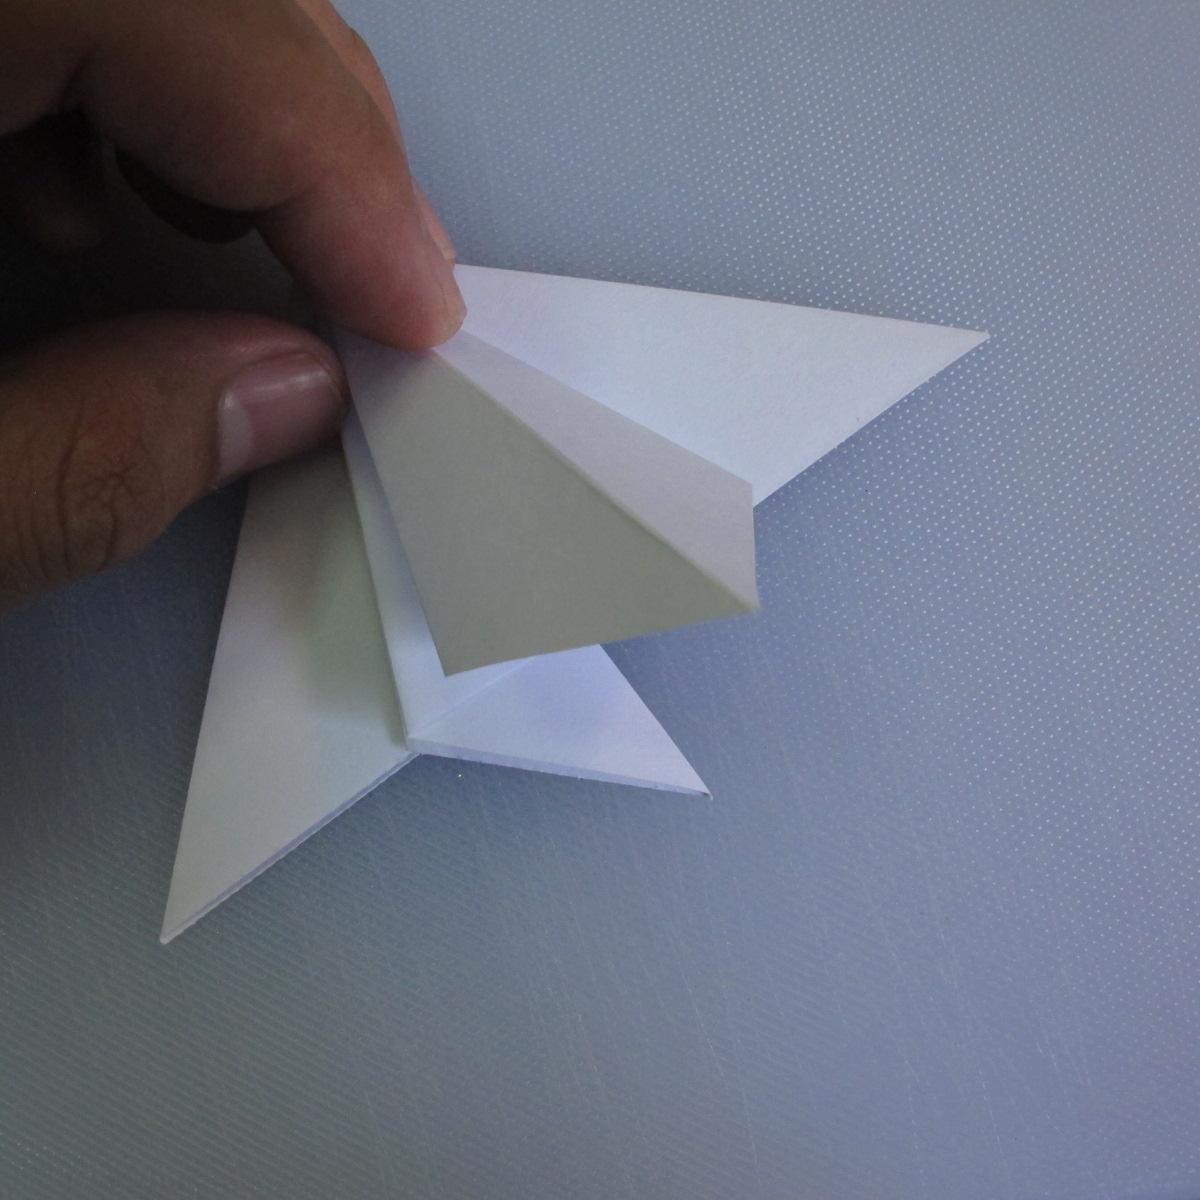 วิธีพับกระดาษเป็นรูปดอกลิลลี่ 008